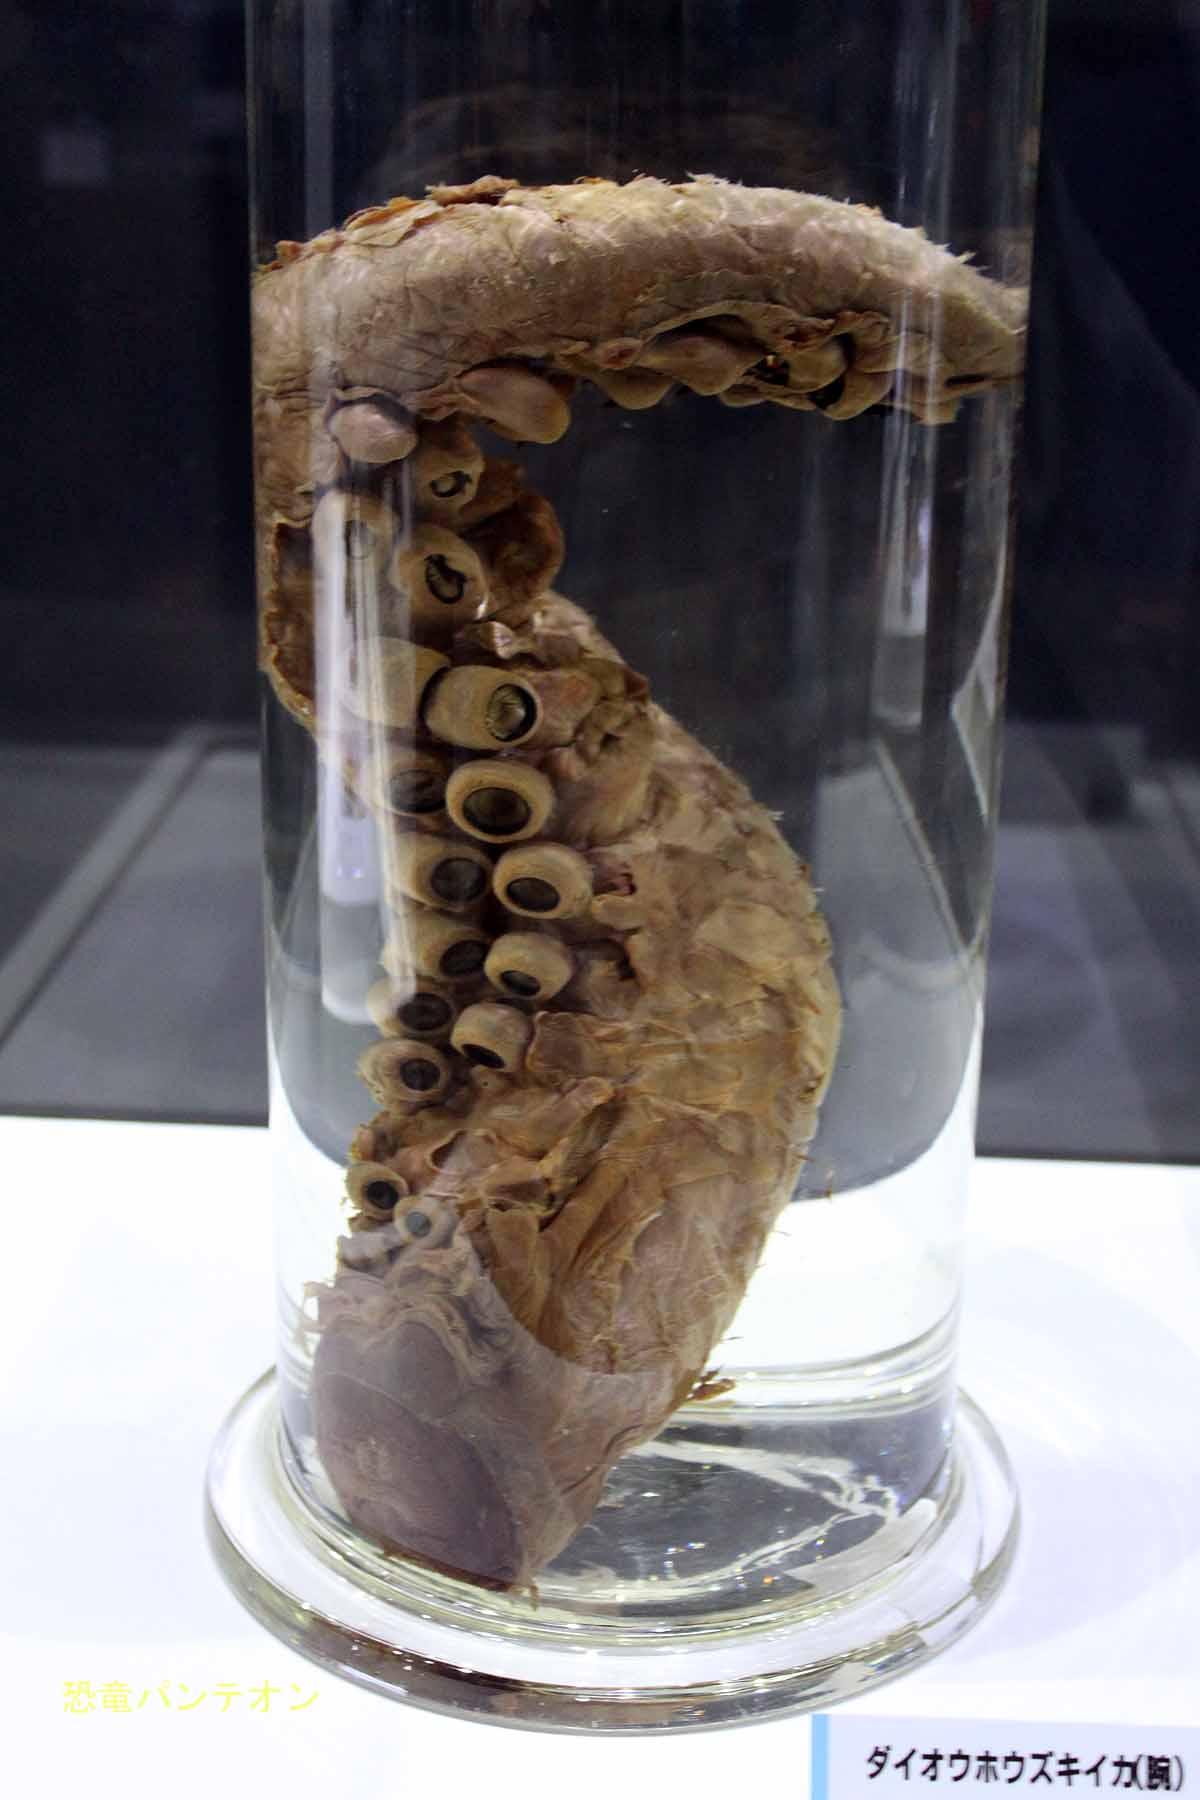 ダイオウホウズキイカ 大英自然史博物館標本